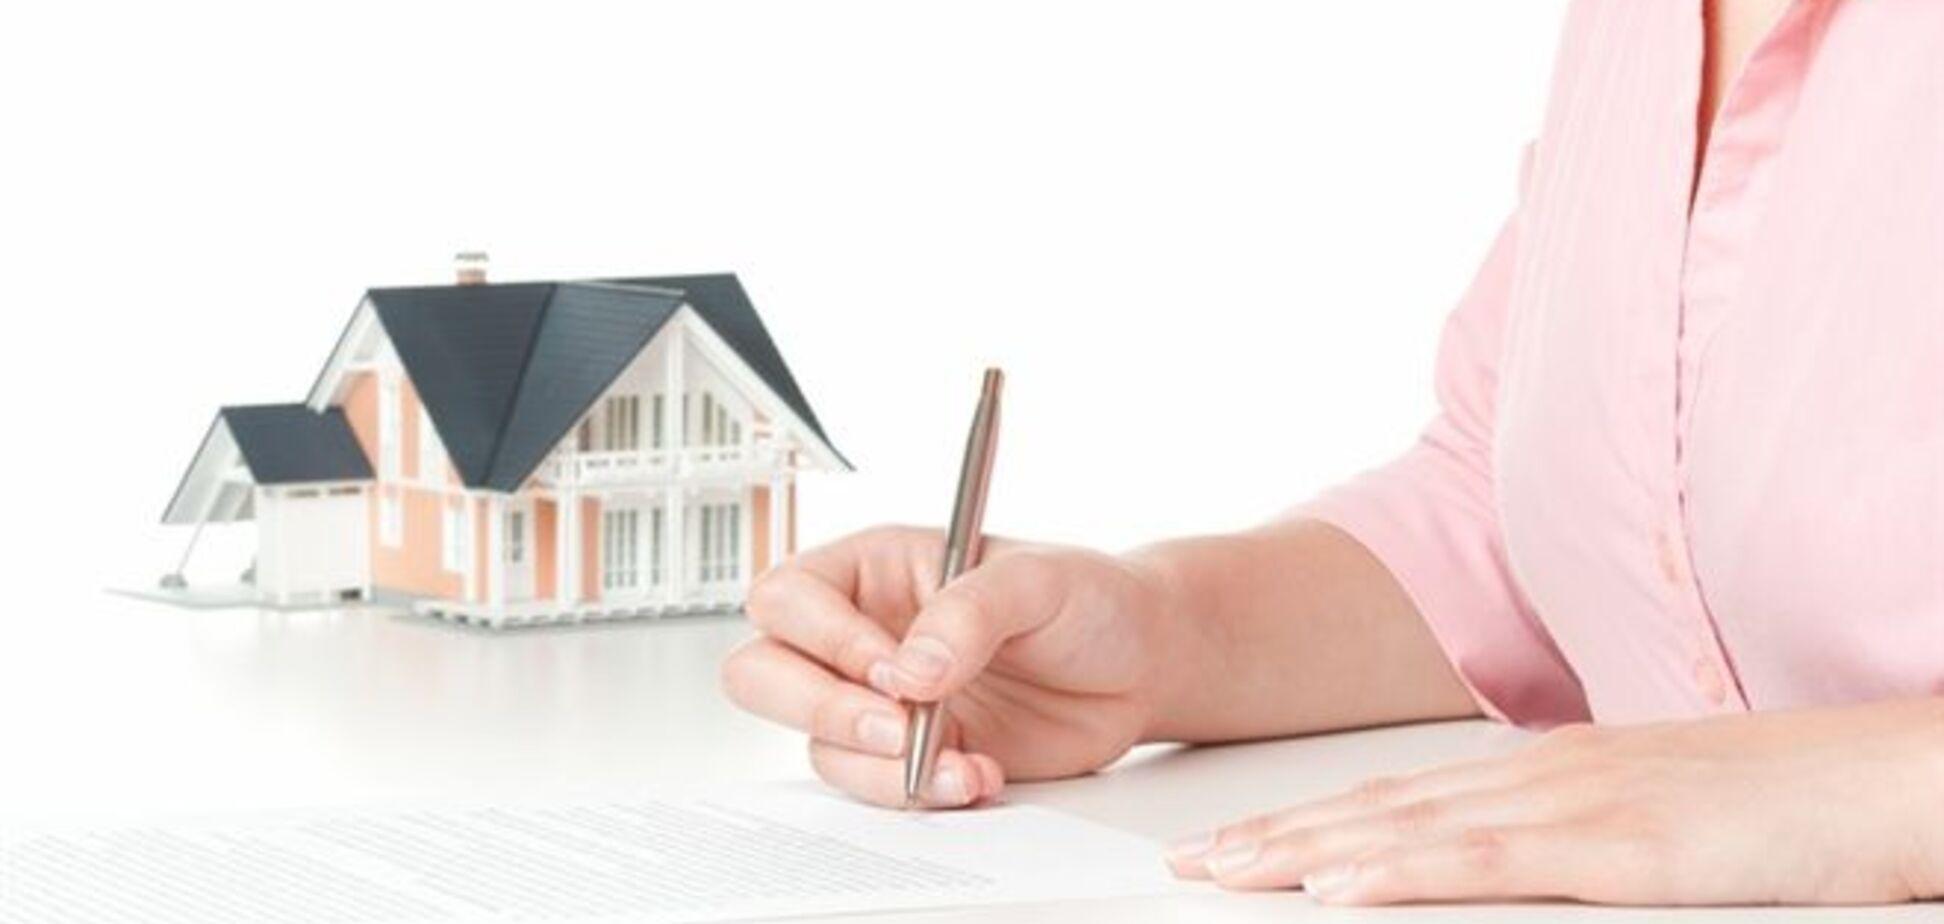 Сколько стоит аренда домов эконом-класса в Киеве и области?